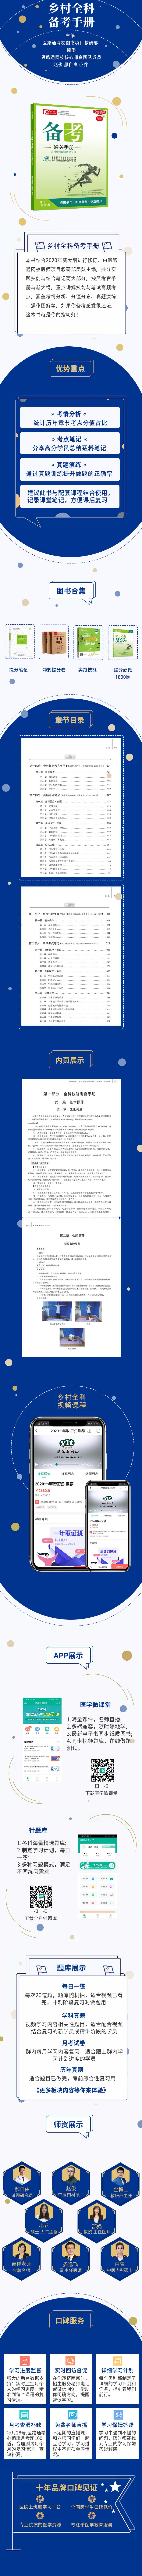 2020乡村全科备考手册.png